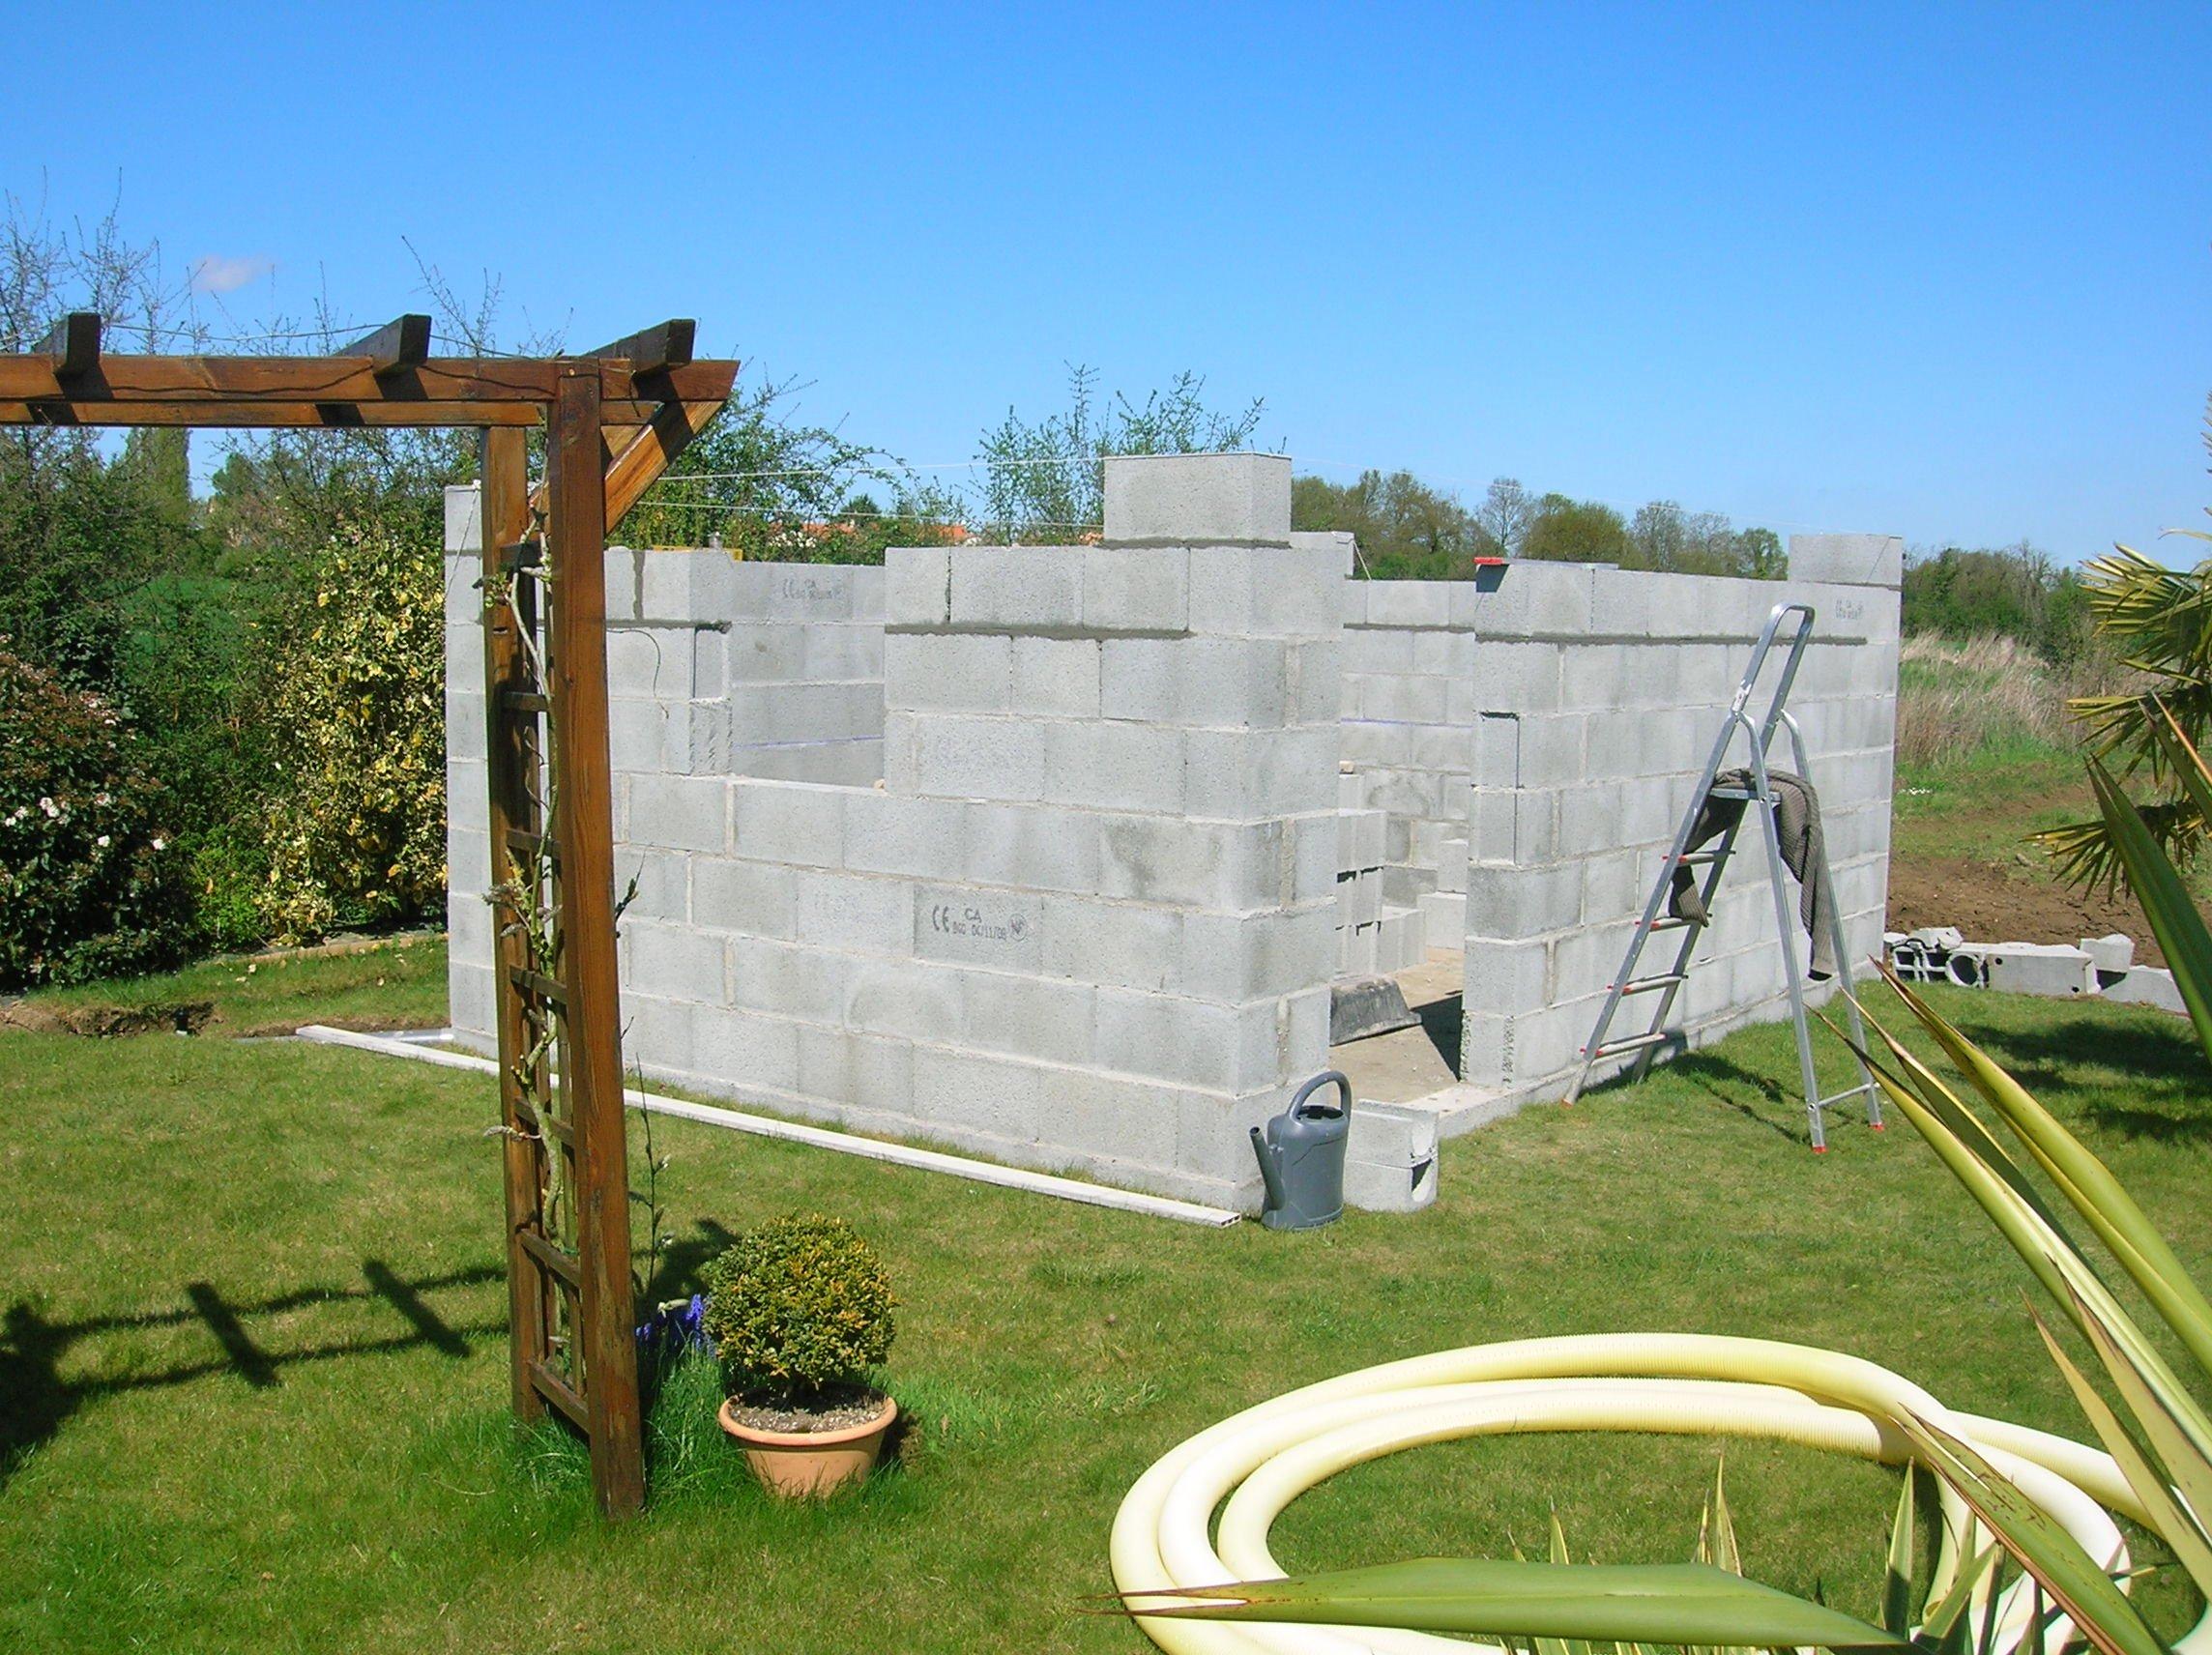 D co abri jardin ouvert bois 32 lille abri de jardin pas cher leroy merlin abri buches - Abri jardin ouvert bois lyon ...